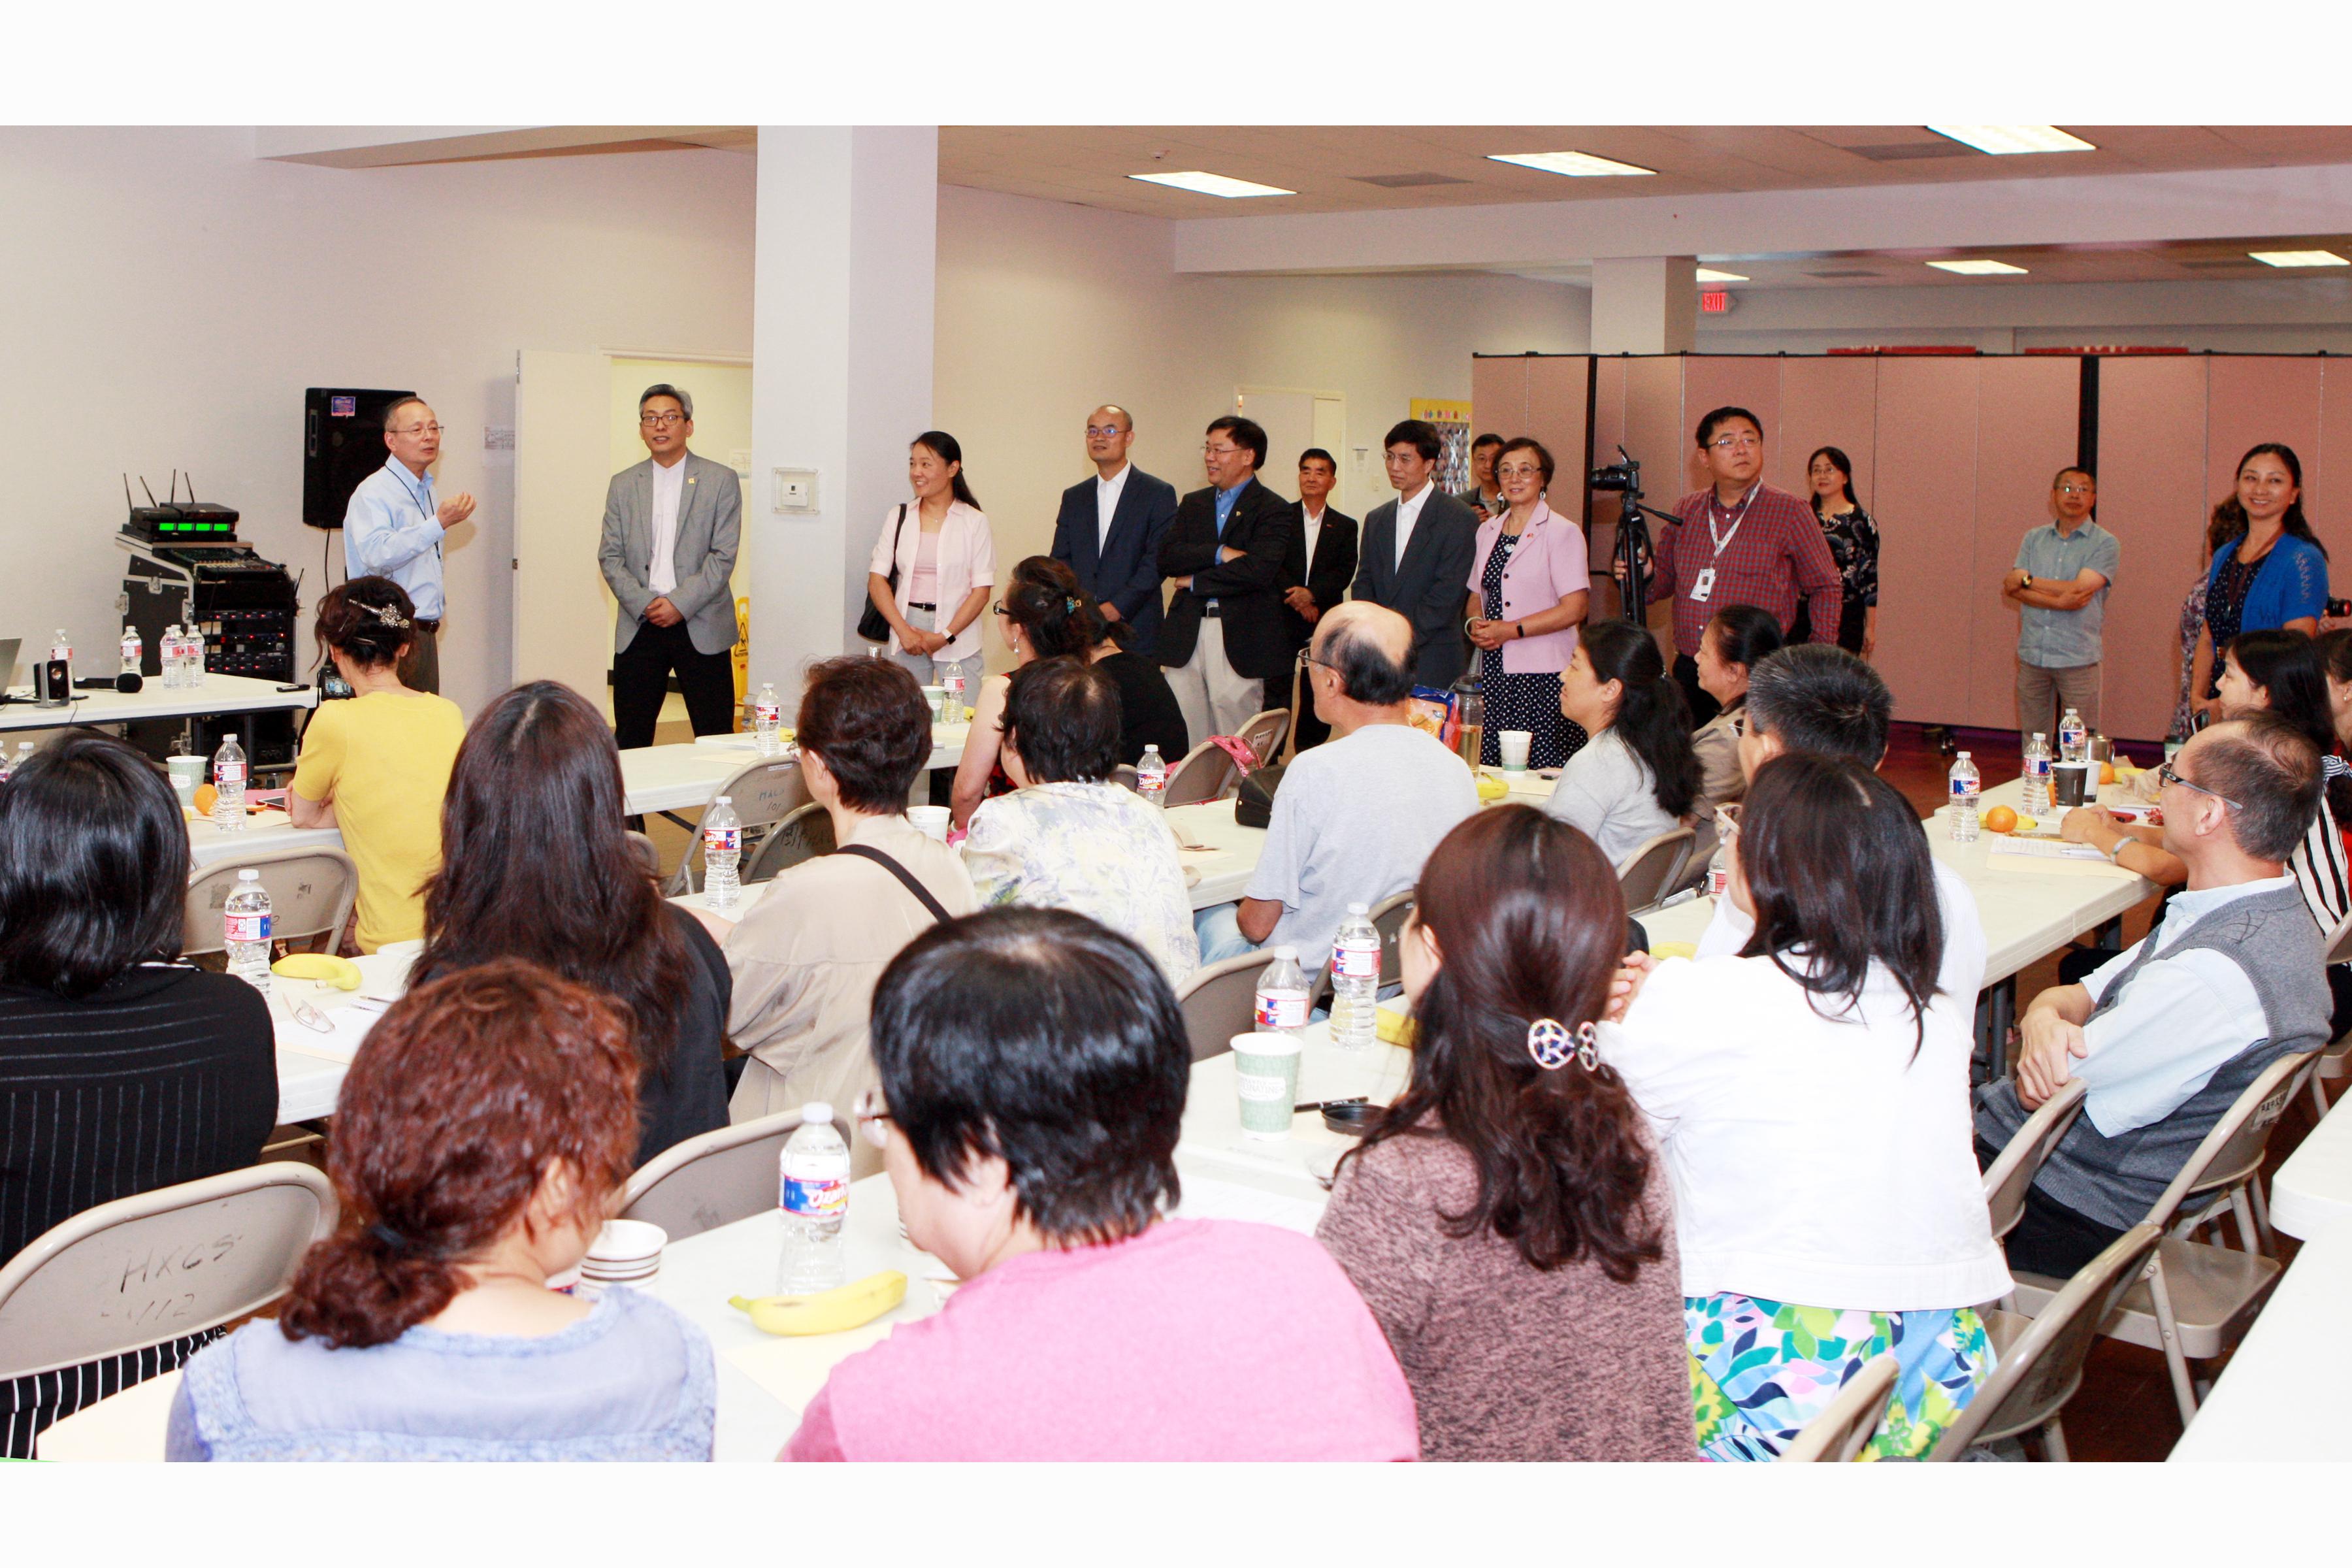 華夏中文學校總校長包華富(站立者左一)向全體老師介紹蔡偉(站立者左二)。(記者賈忠/攝影)